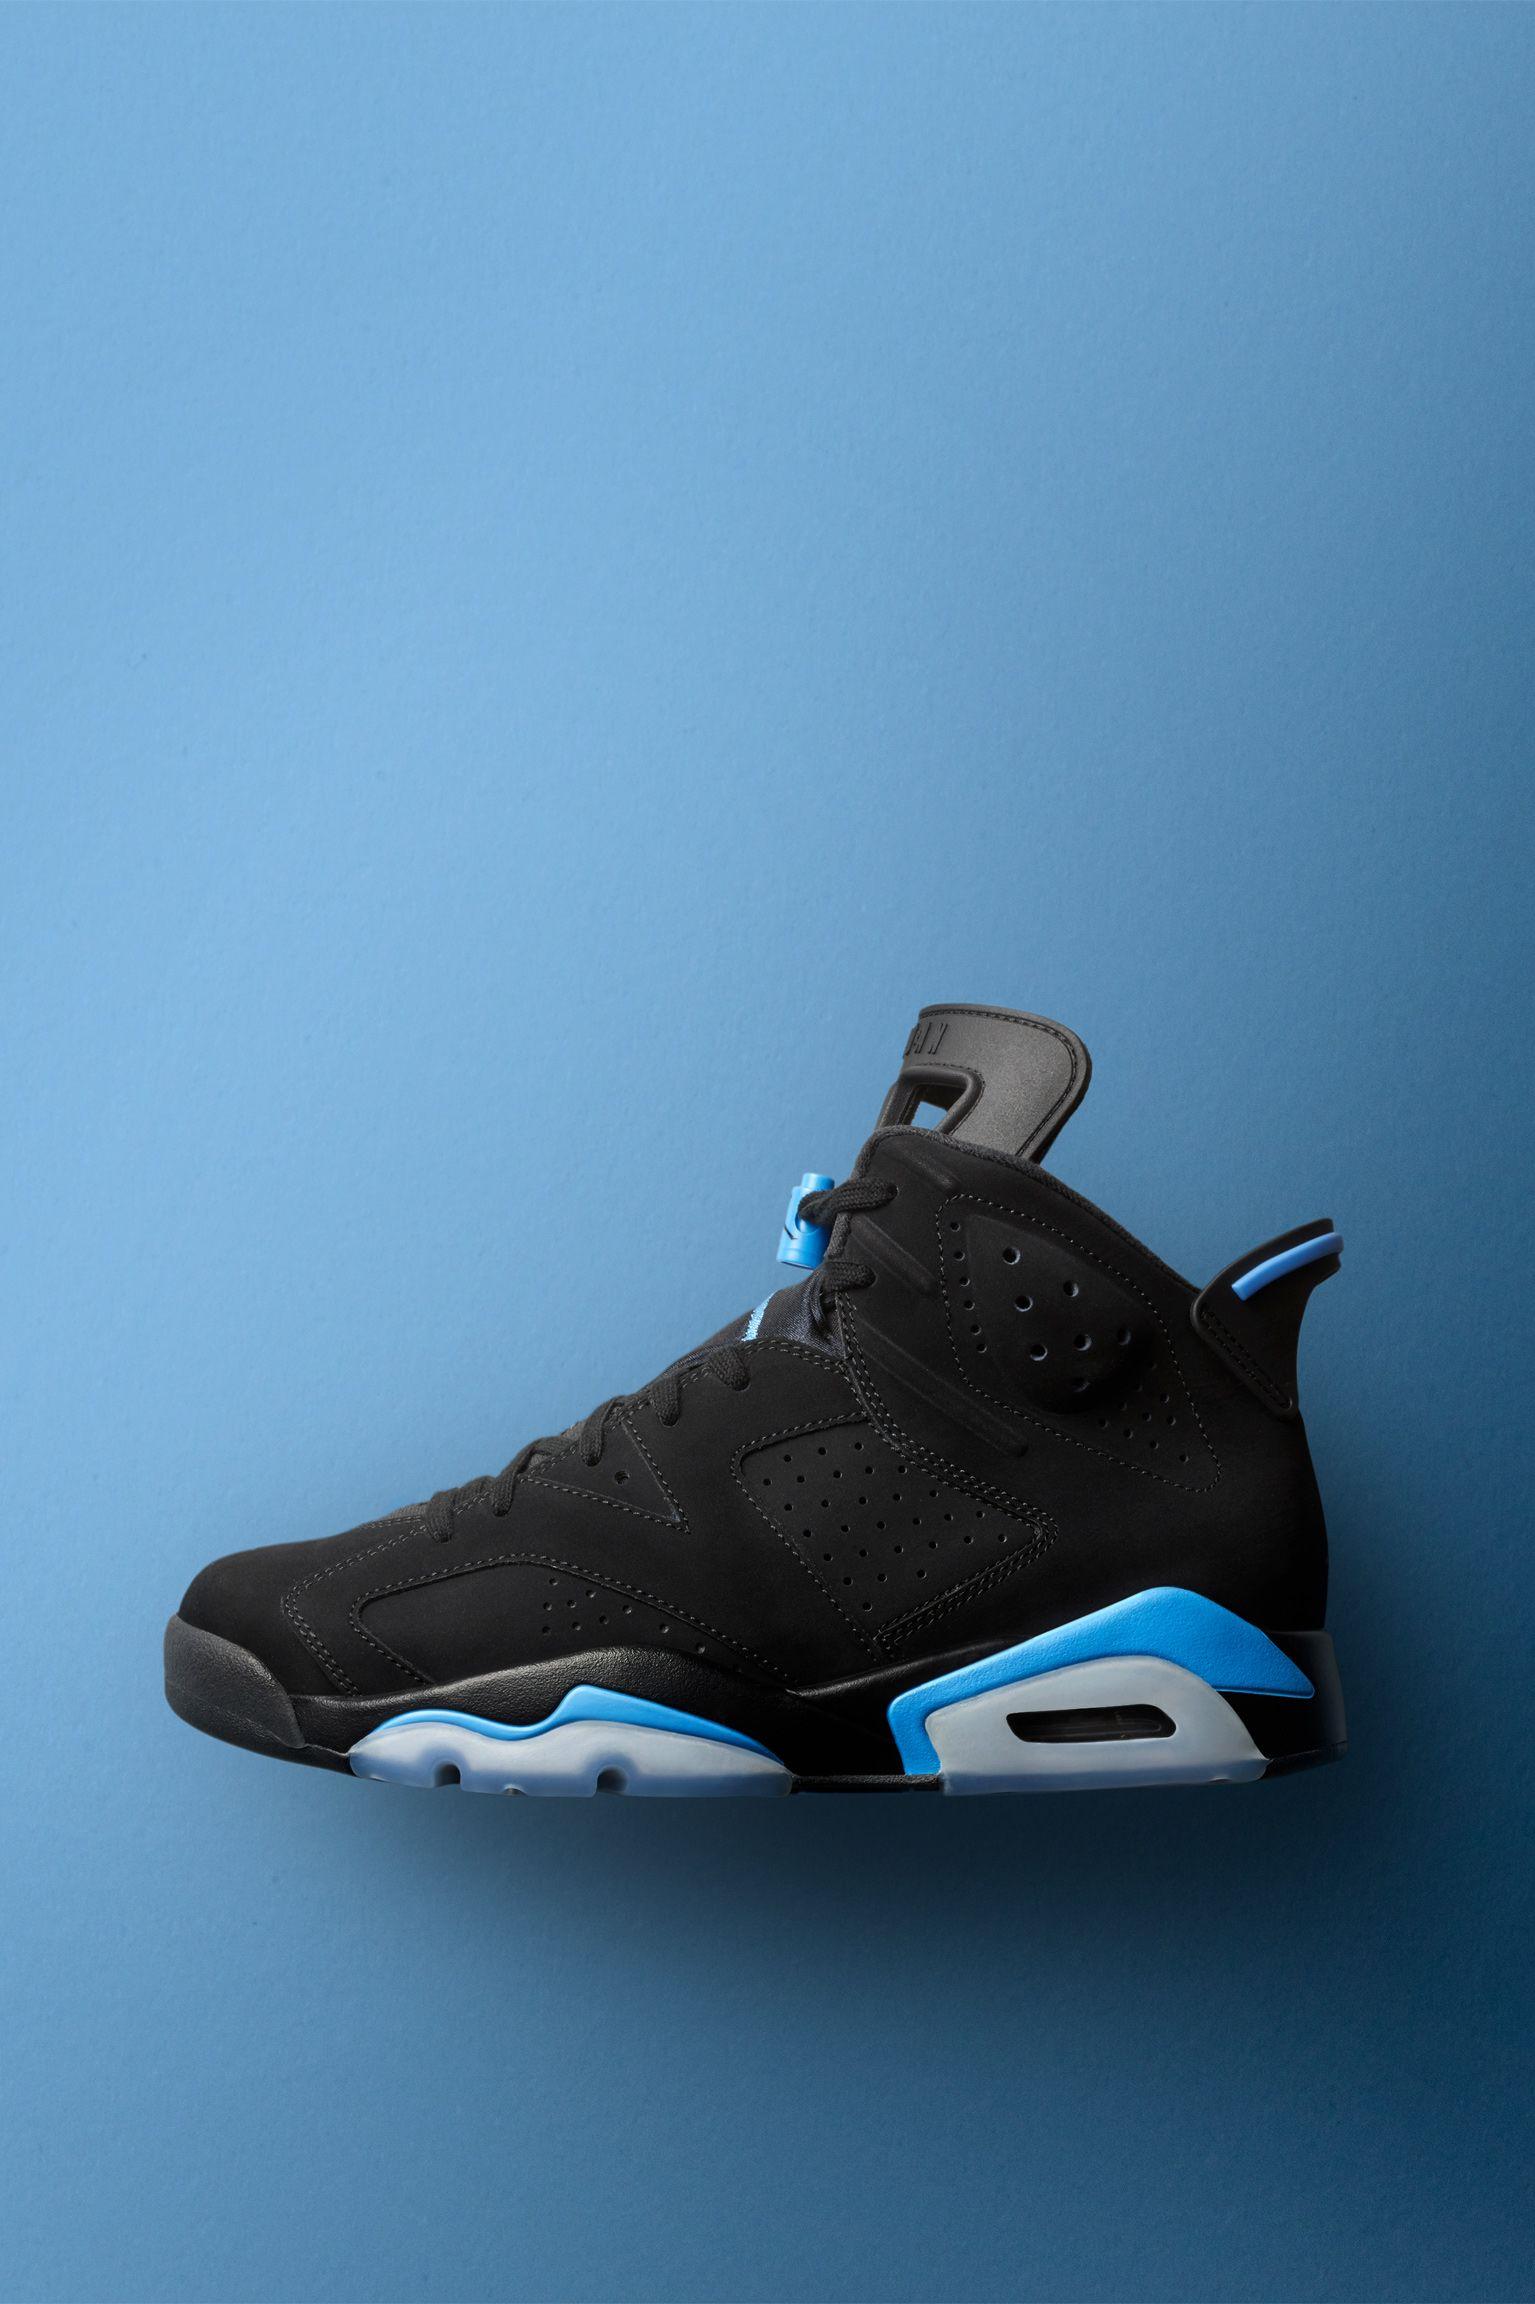 Air Jordan 6  Black   University Blue  Release Date. Nike+ SNKRS b1e1f04a60